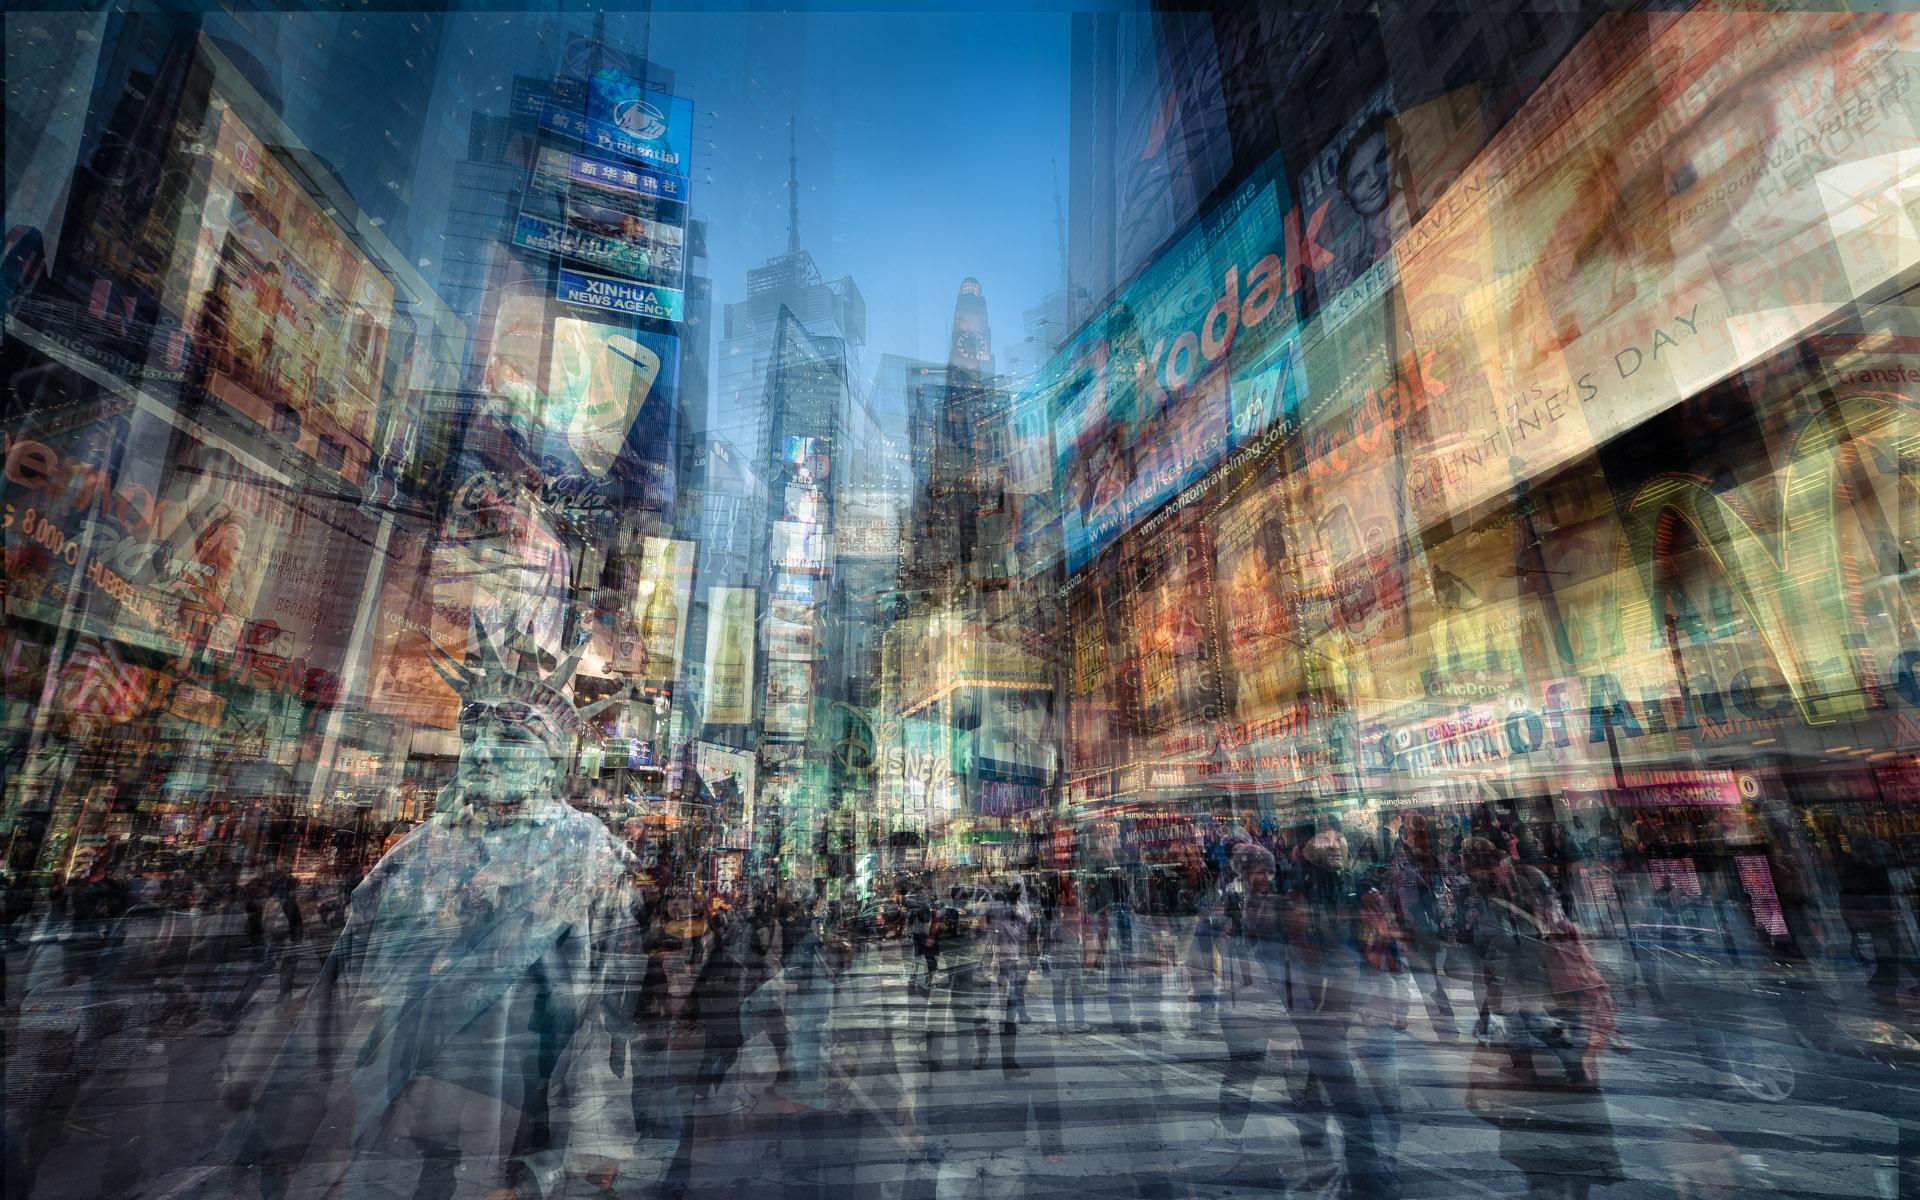 NY #02 - Riccardo Magherini